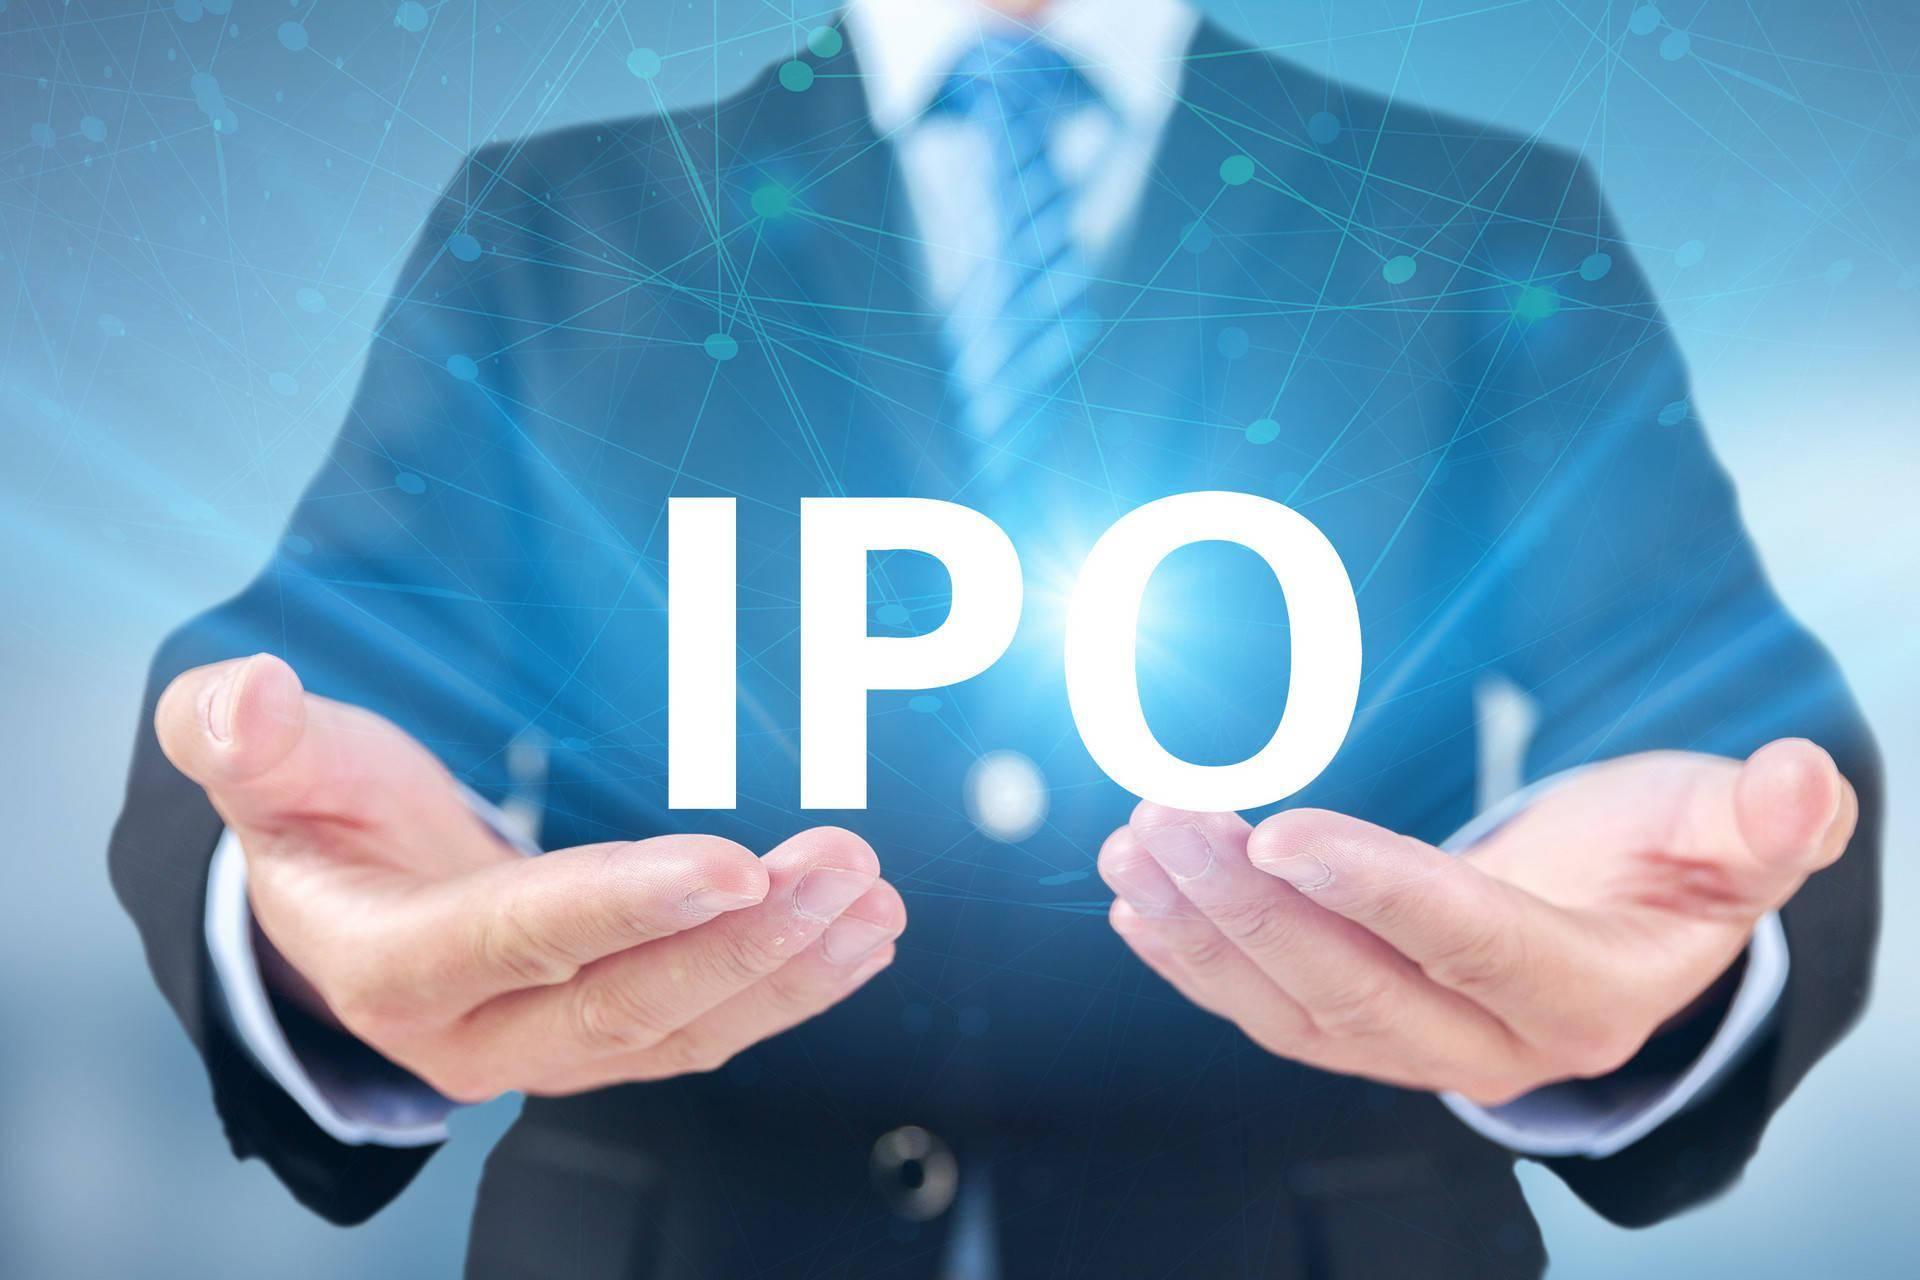 东软教育扩张之际负债走高增长乏力难题待解赴港IPO